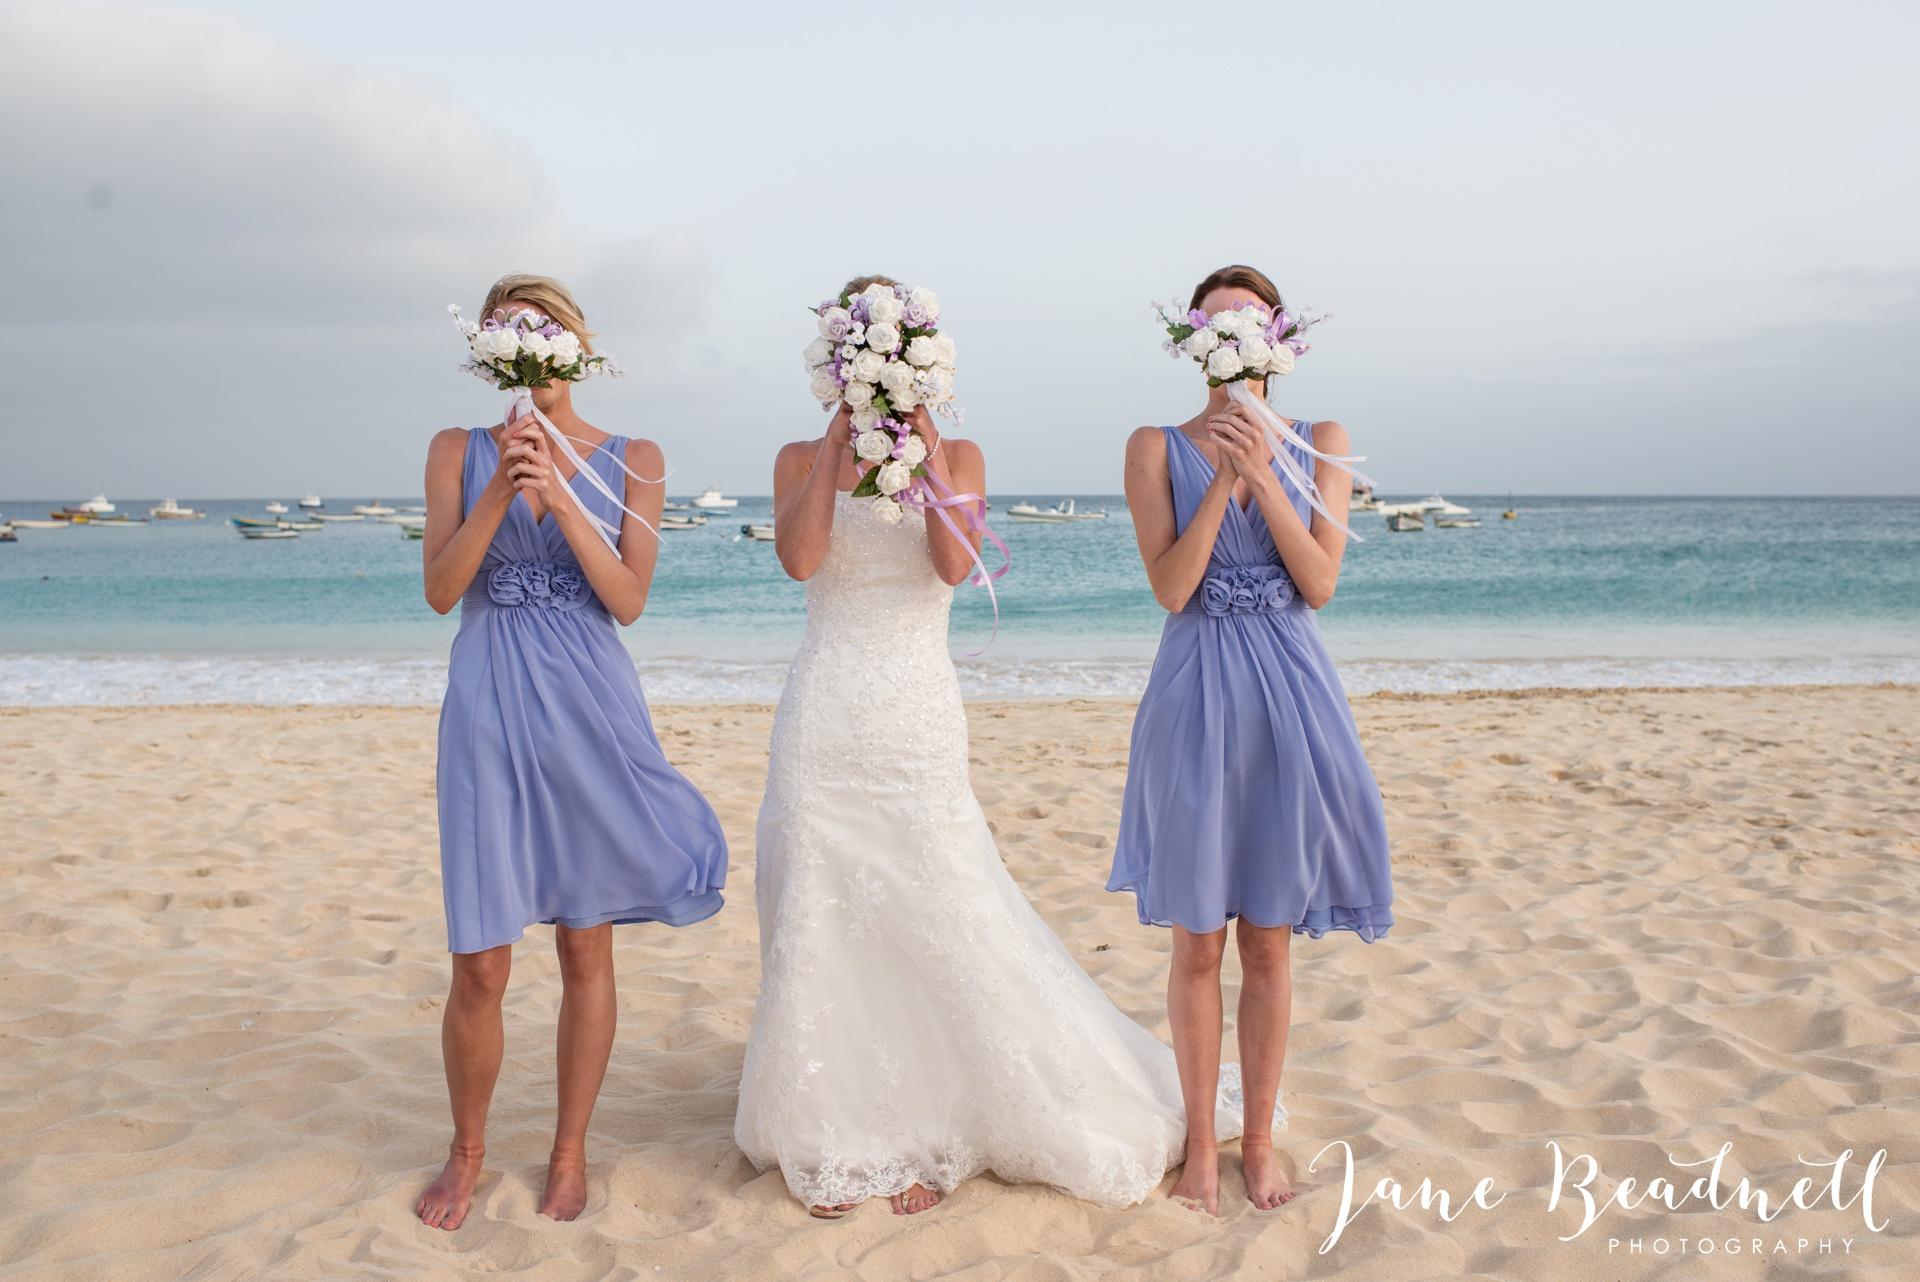 Jane Beadnell fine art wedding photographer Leeds Destination wedding photographer_0024